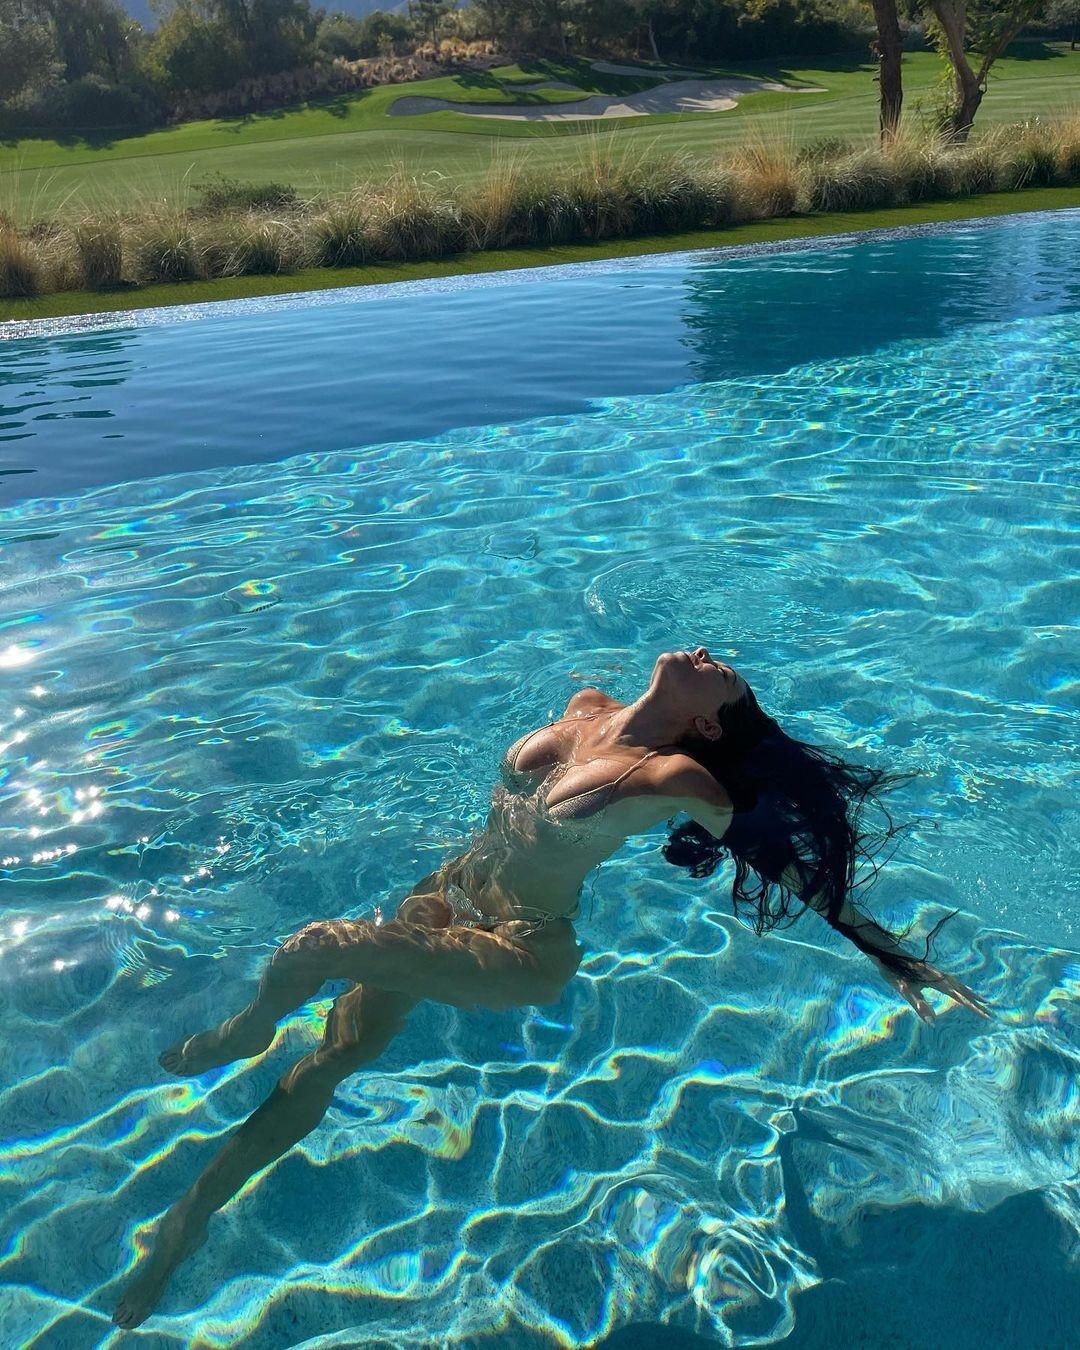 Кортні Кардаш'ян позує на фото в купальнику